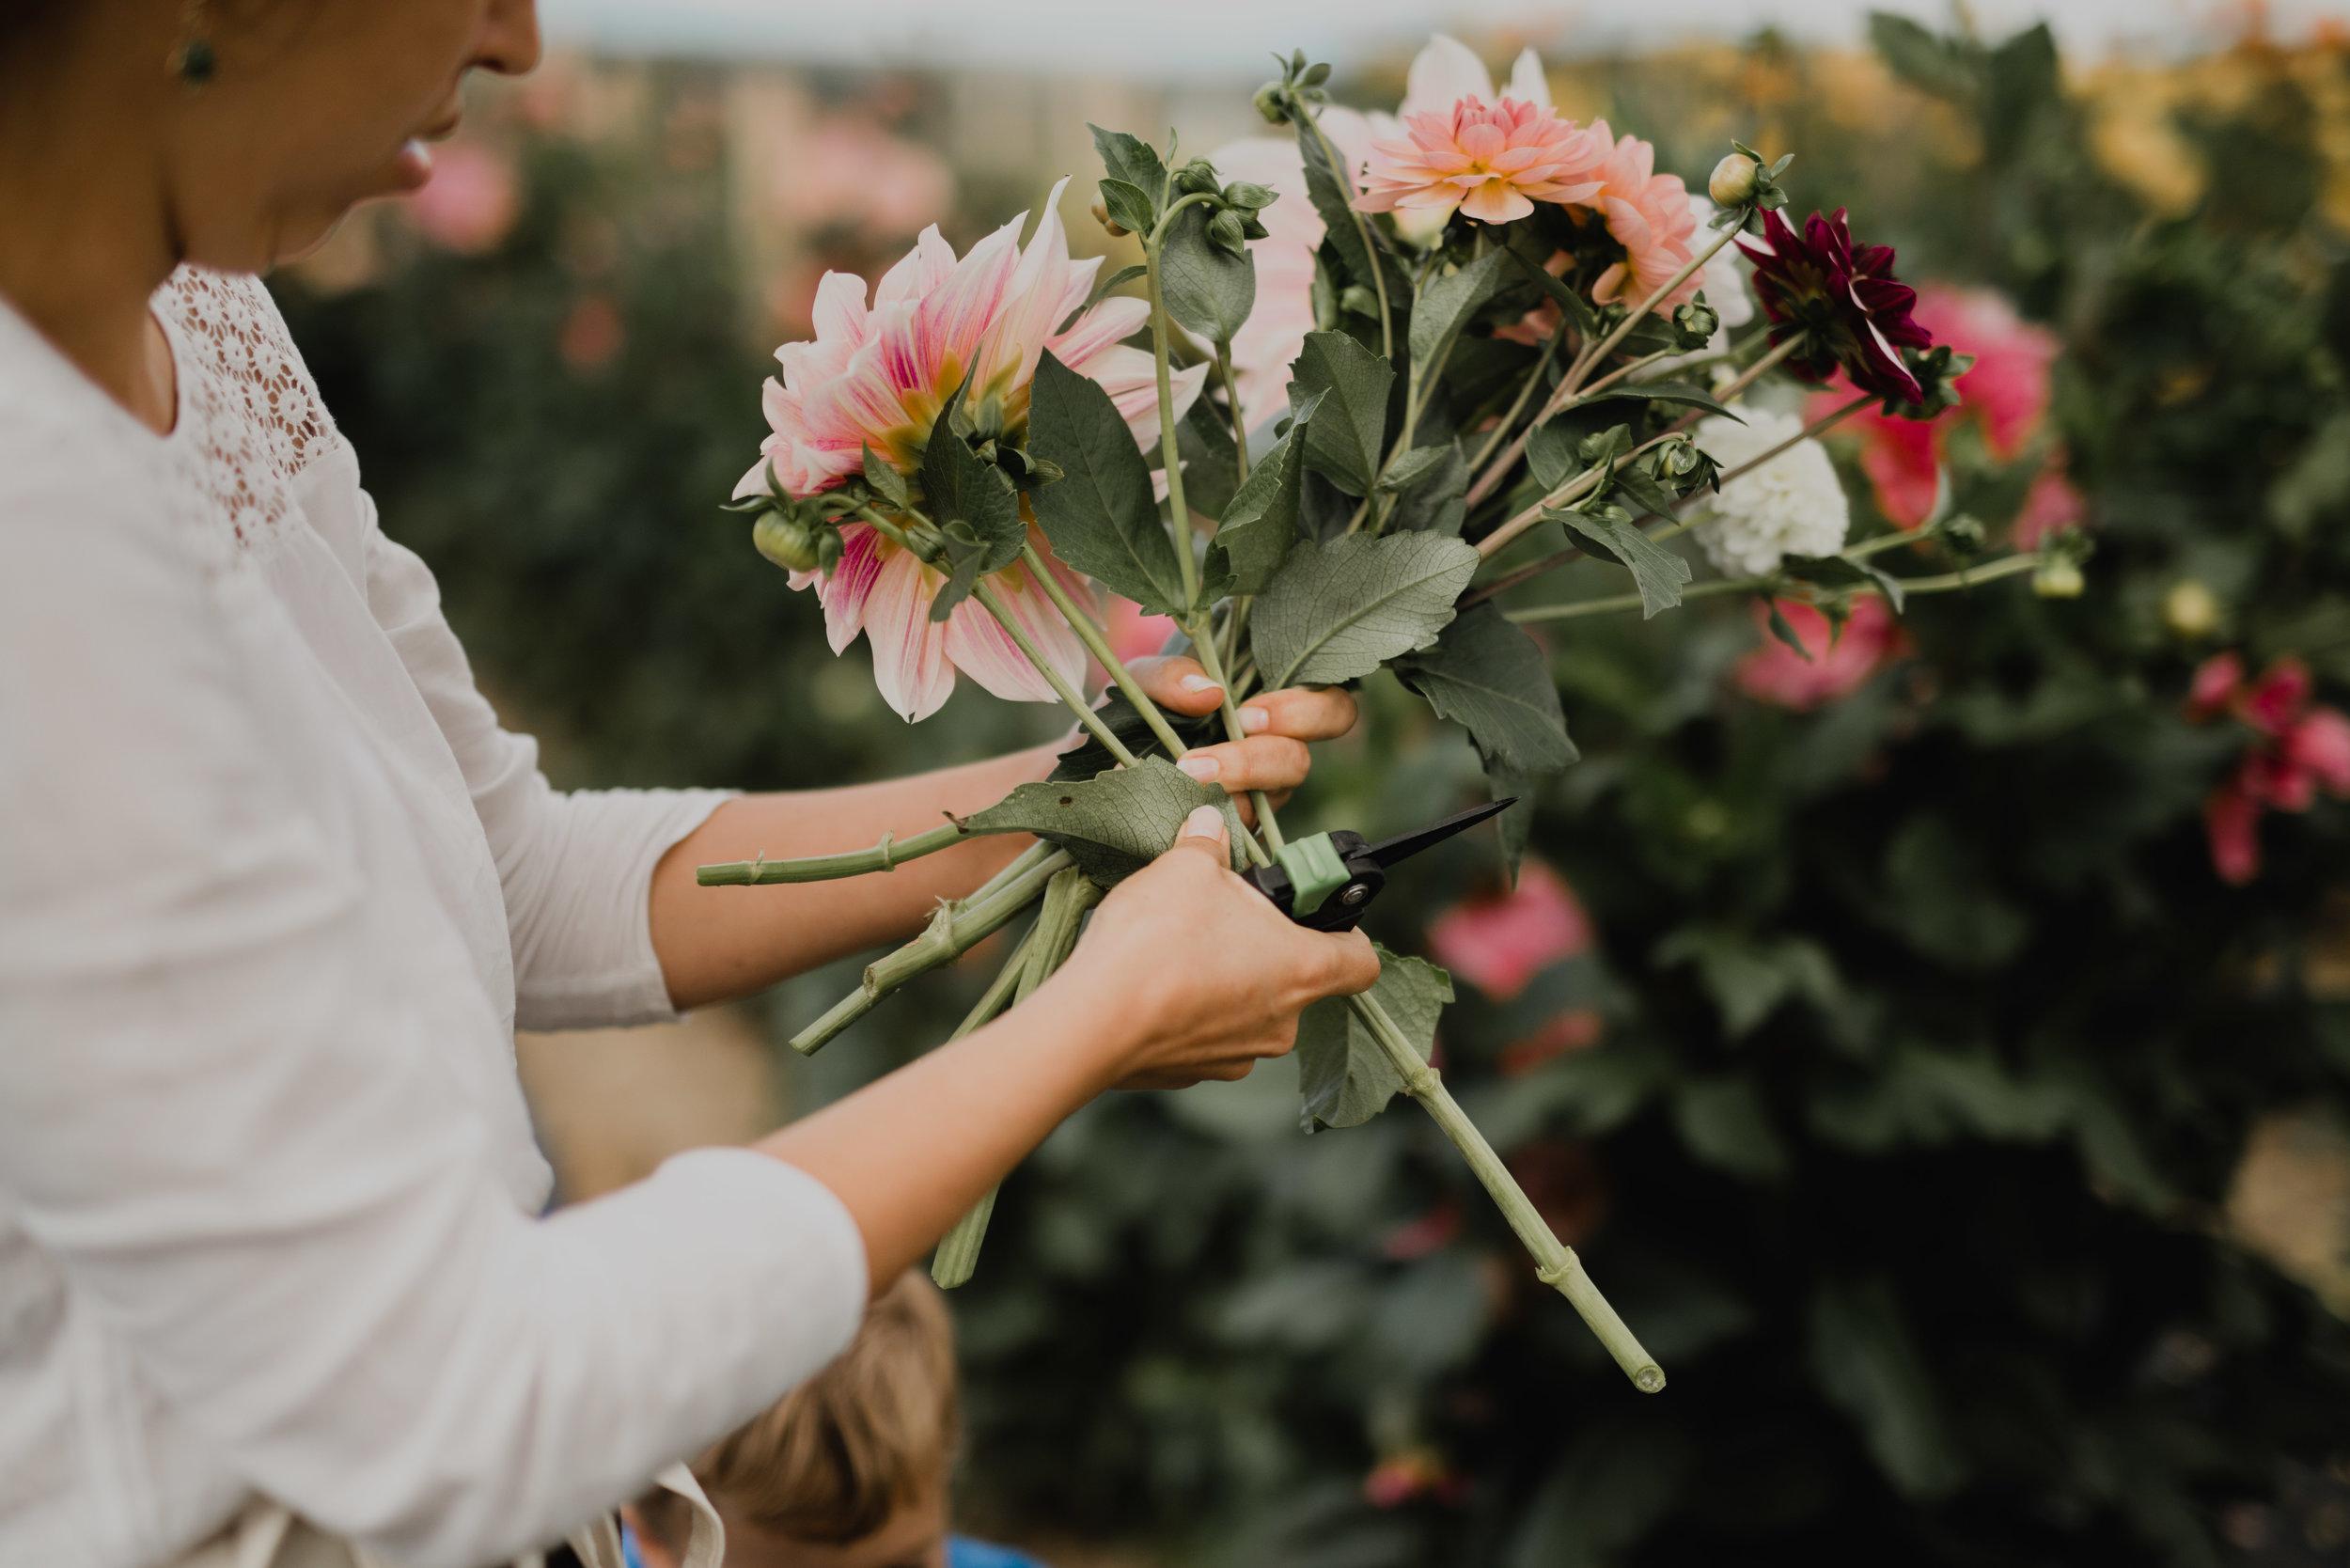 Workshop bouquet floralmercredi 14 août 2019 - 18h (2h minimum) / CHF. 75.- / avec shooting